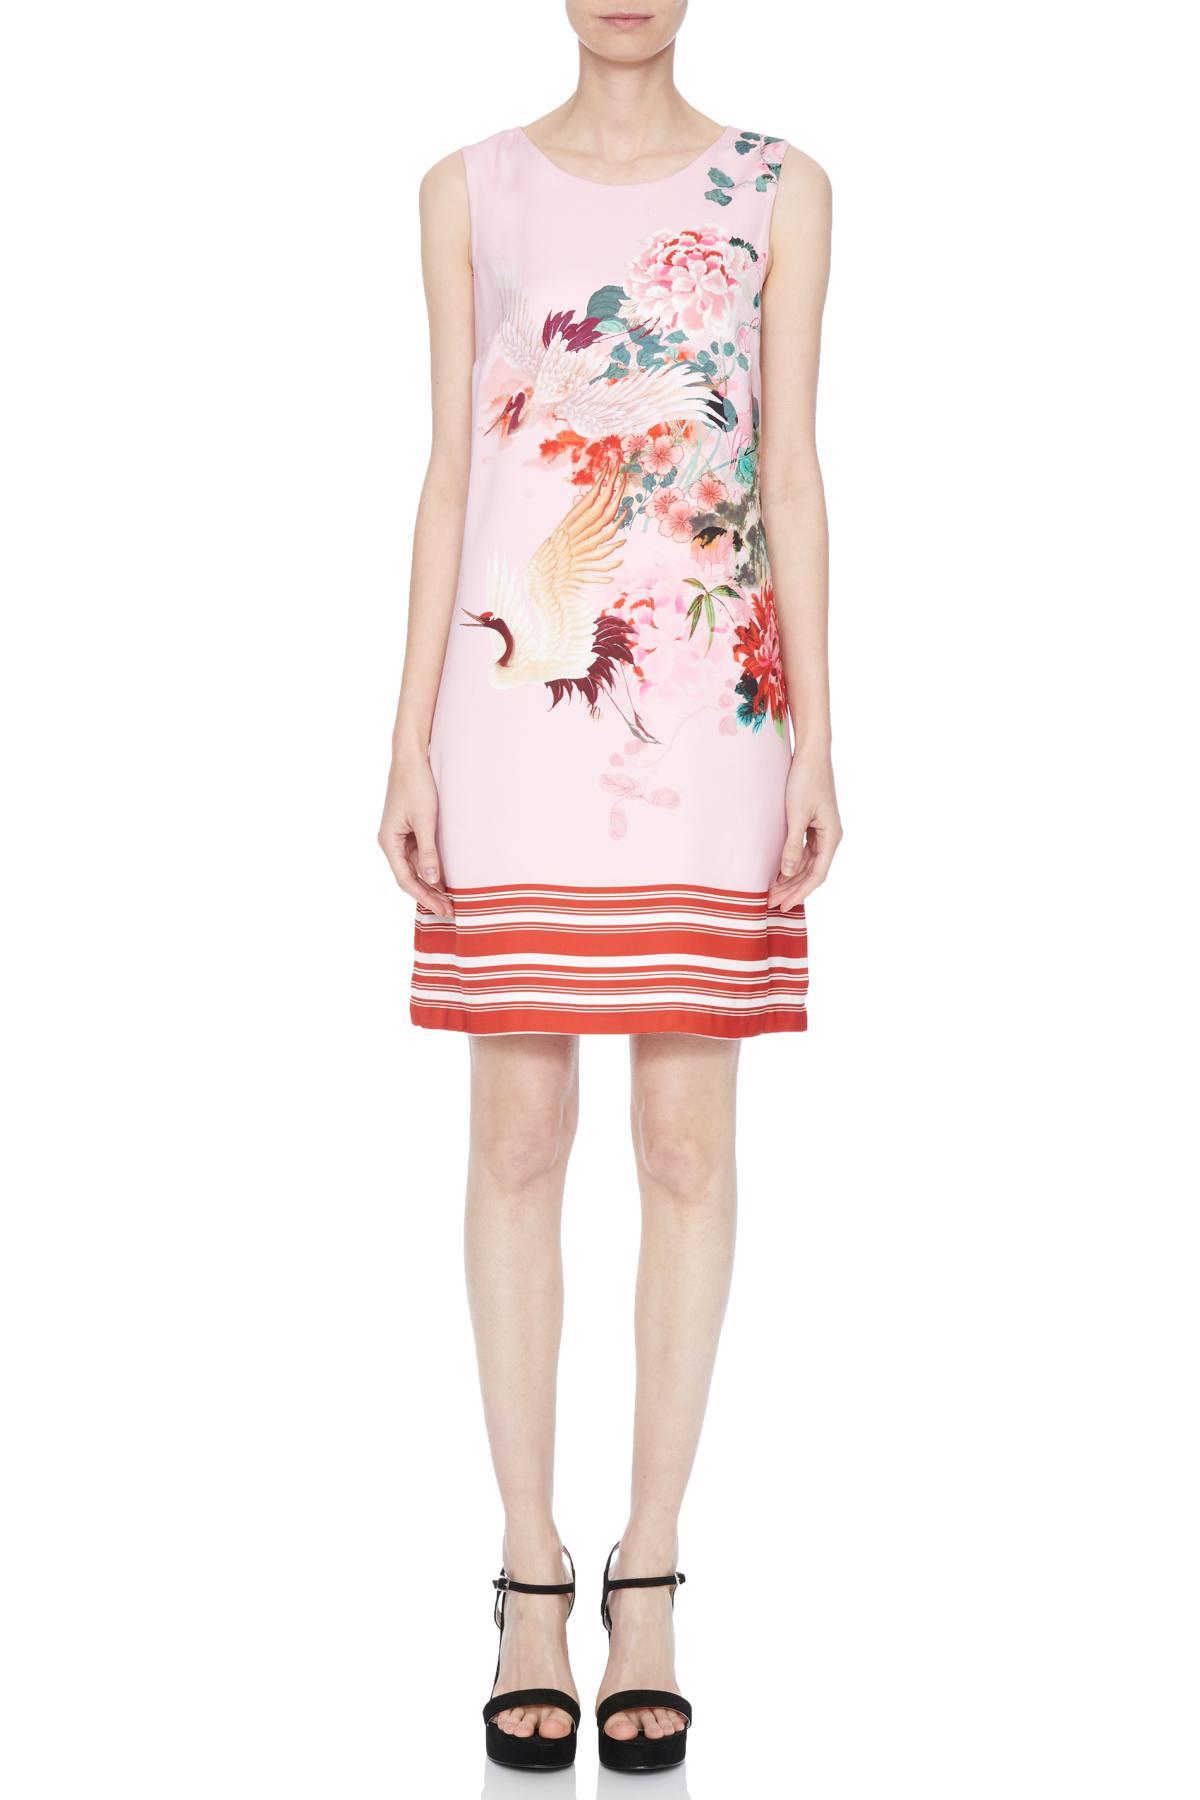 Vorderansicht von Ana Alcazar A-Linen Kleid Nea  angezogen an Model